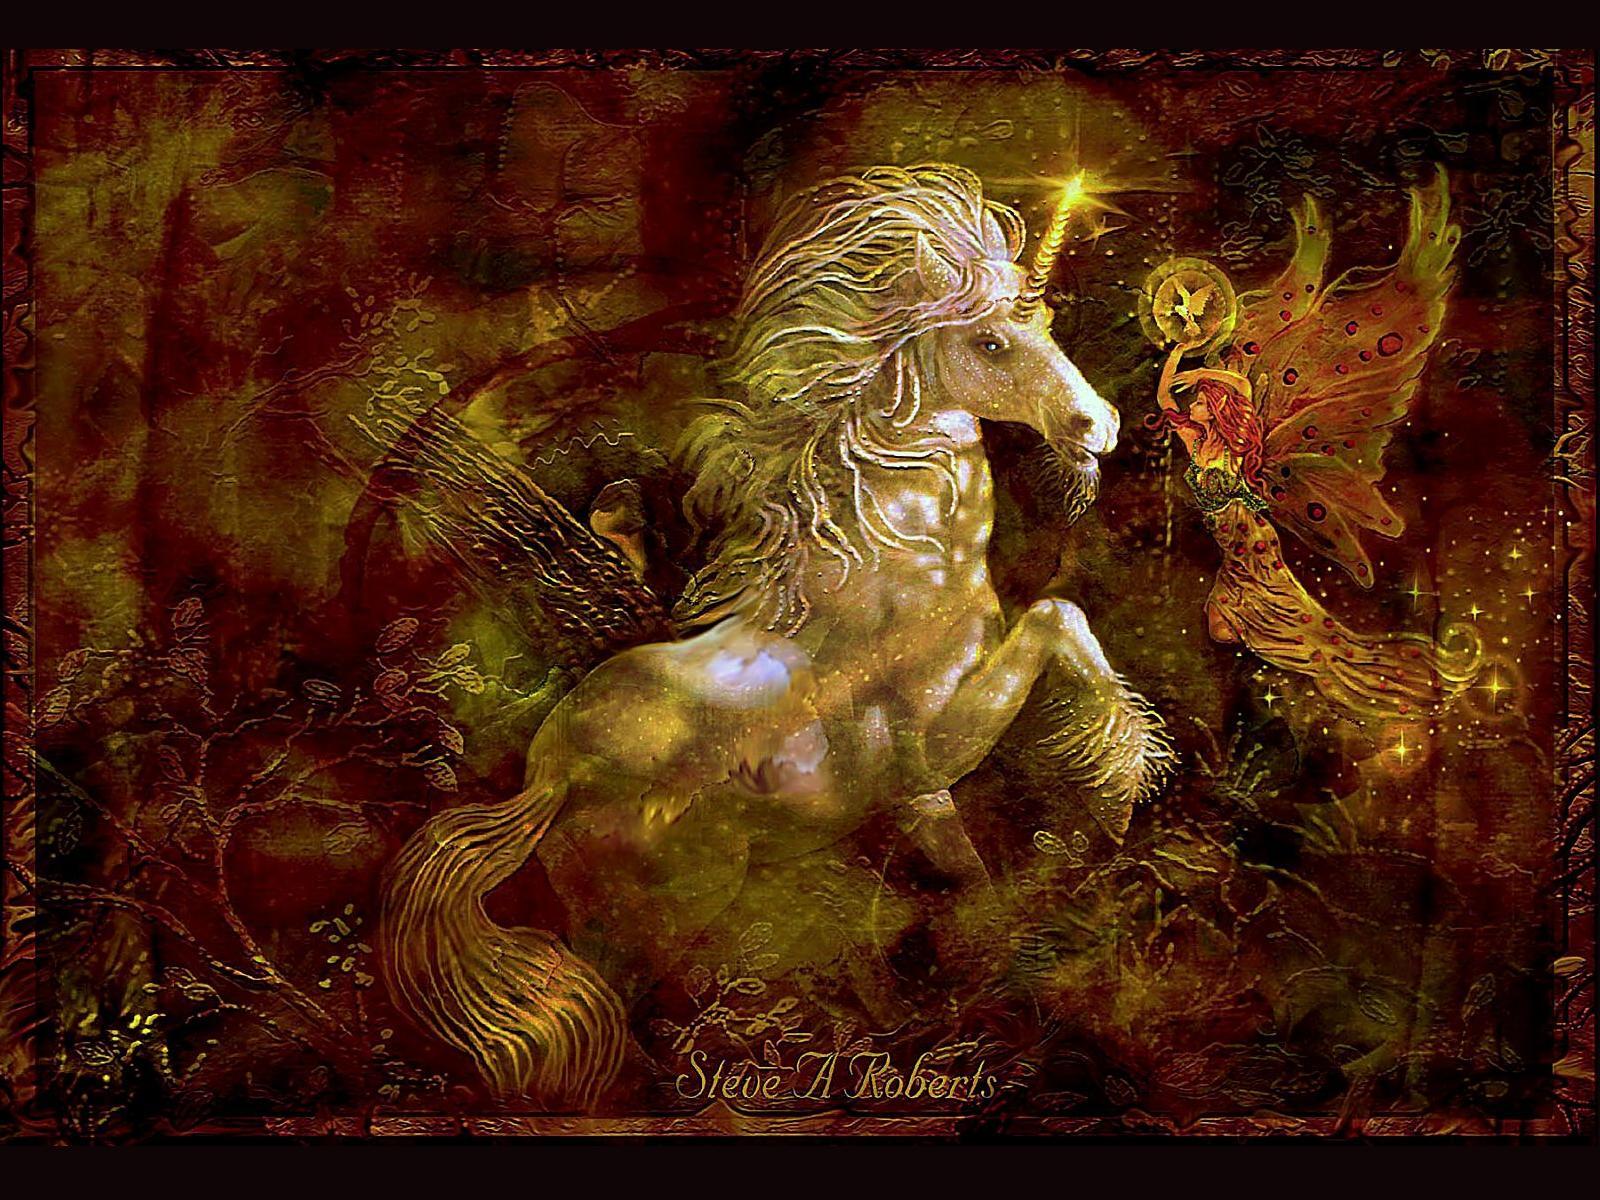 High Resolution Wallpaper   Steve A. Roberts 1600x1200 px